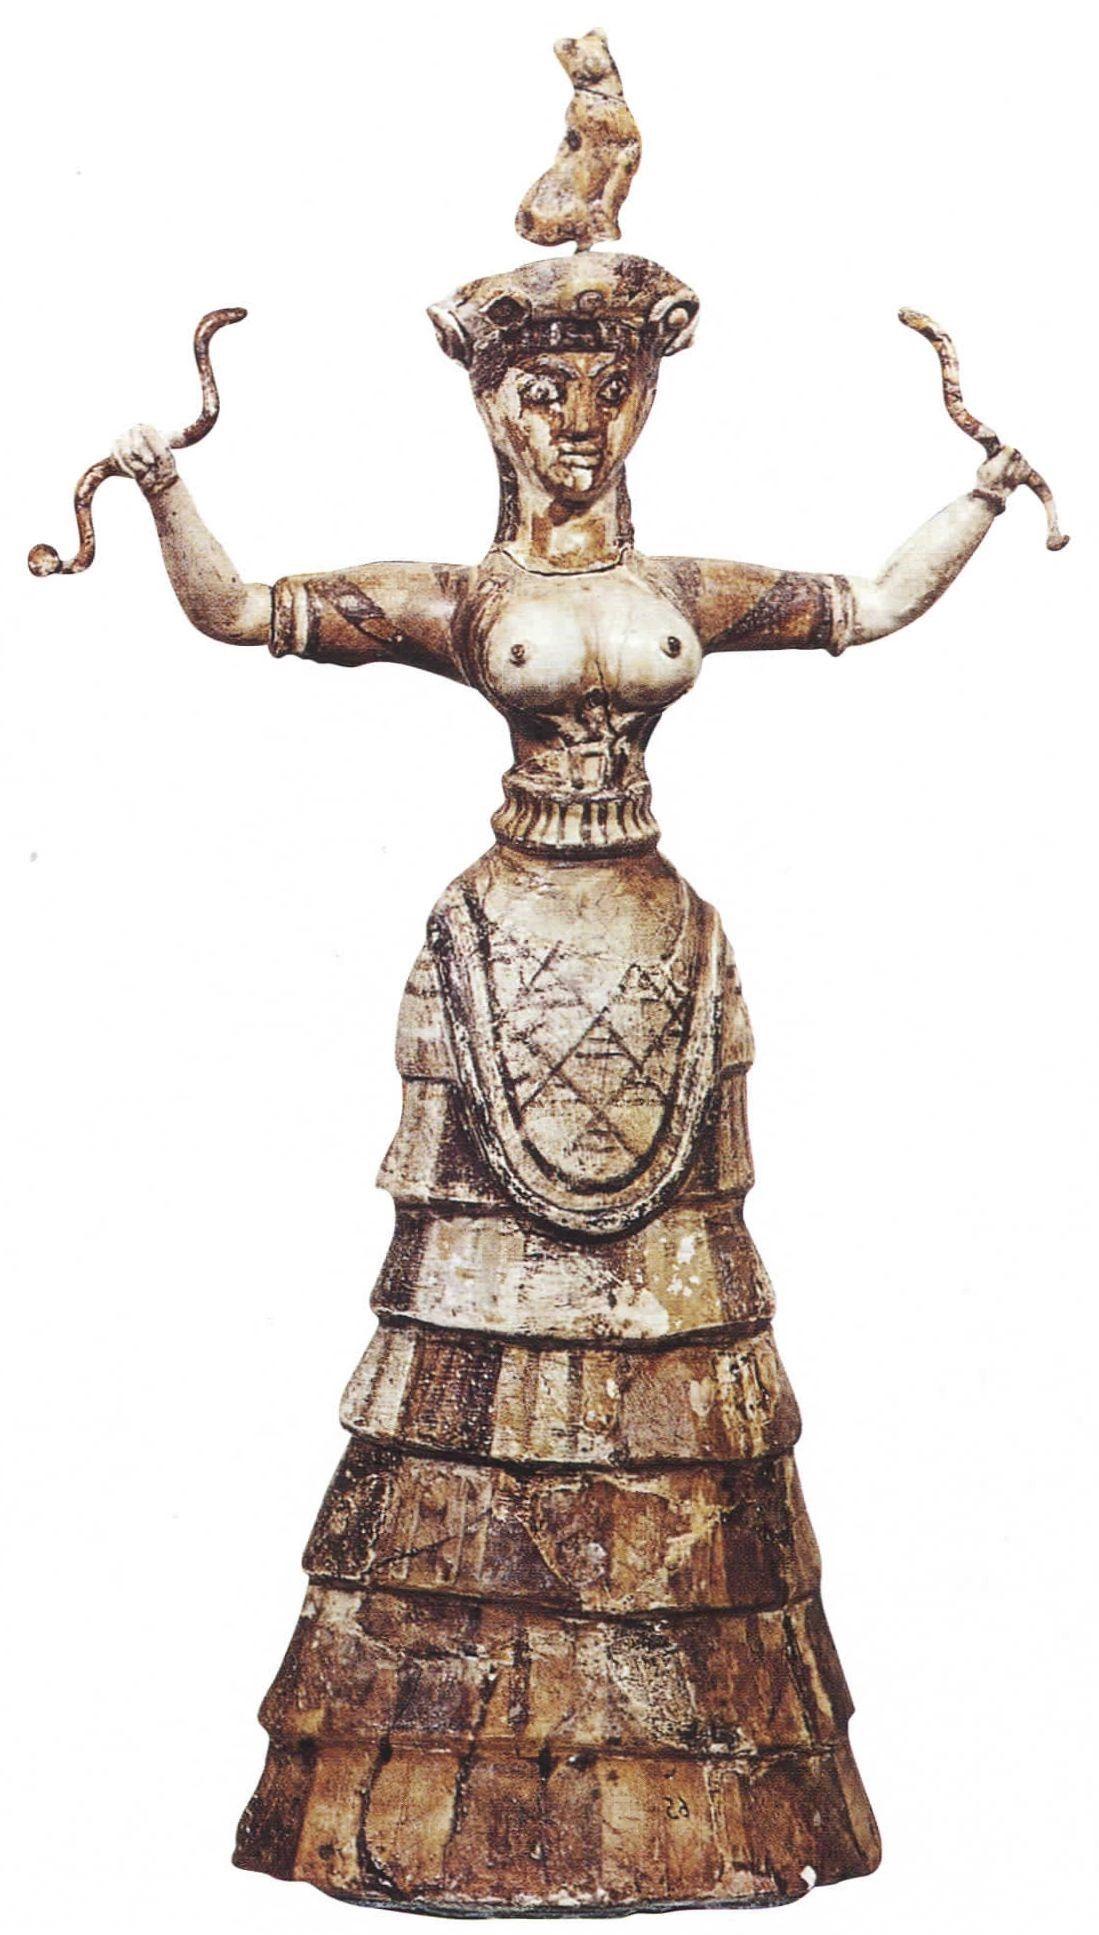 La dea dei serpenti, Minoico Medio, 1550 a.C. circa Iraklion, Museo Archeologico. È in rapporto al culto della Grande Madre che va l'opera come la celeberrima Dea dei serpenti, protettrice della casa e divinità dell'abbondanza, con gli occhi spalancati, terrificanti, e la bocca socchiusa per l'imminente attacco. Databile al 1550 a.C.